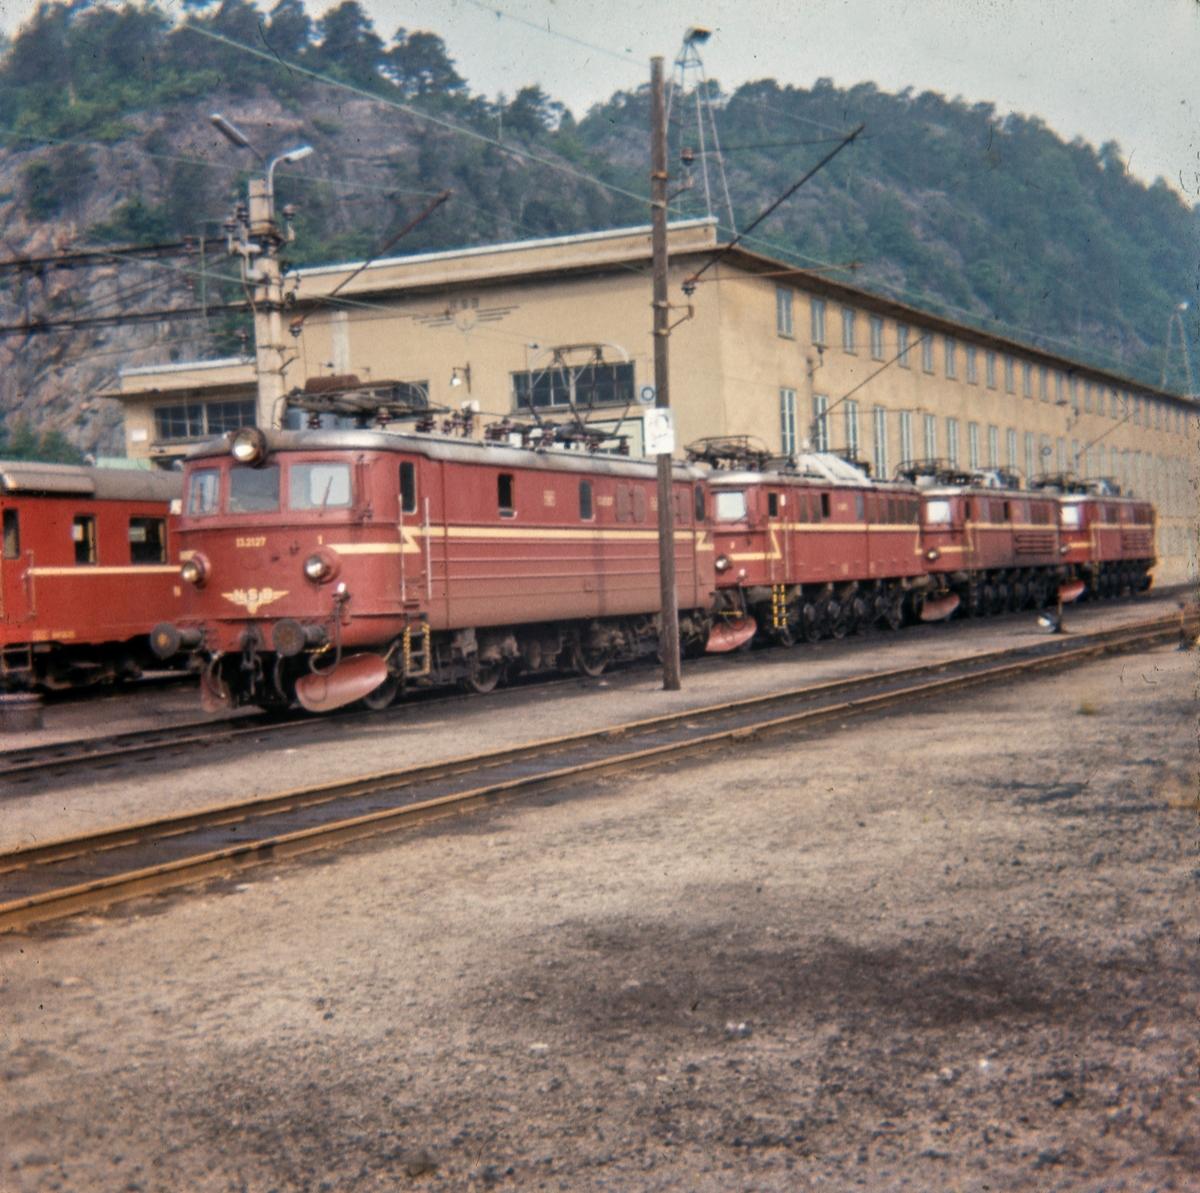 Elektriske lokomotiver utenfor lokomotivstallen ved Krossen ved Kristiansand, nærmest El 13 2127, bak lokomotiver type El 8